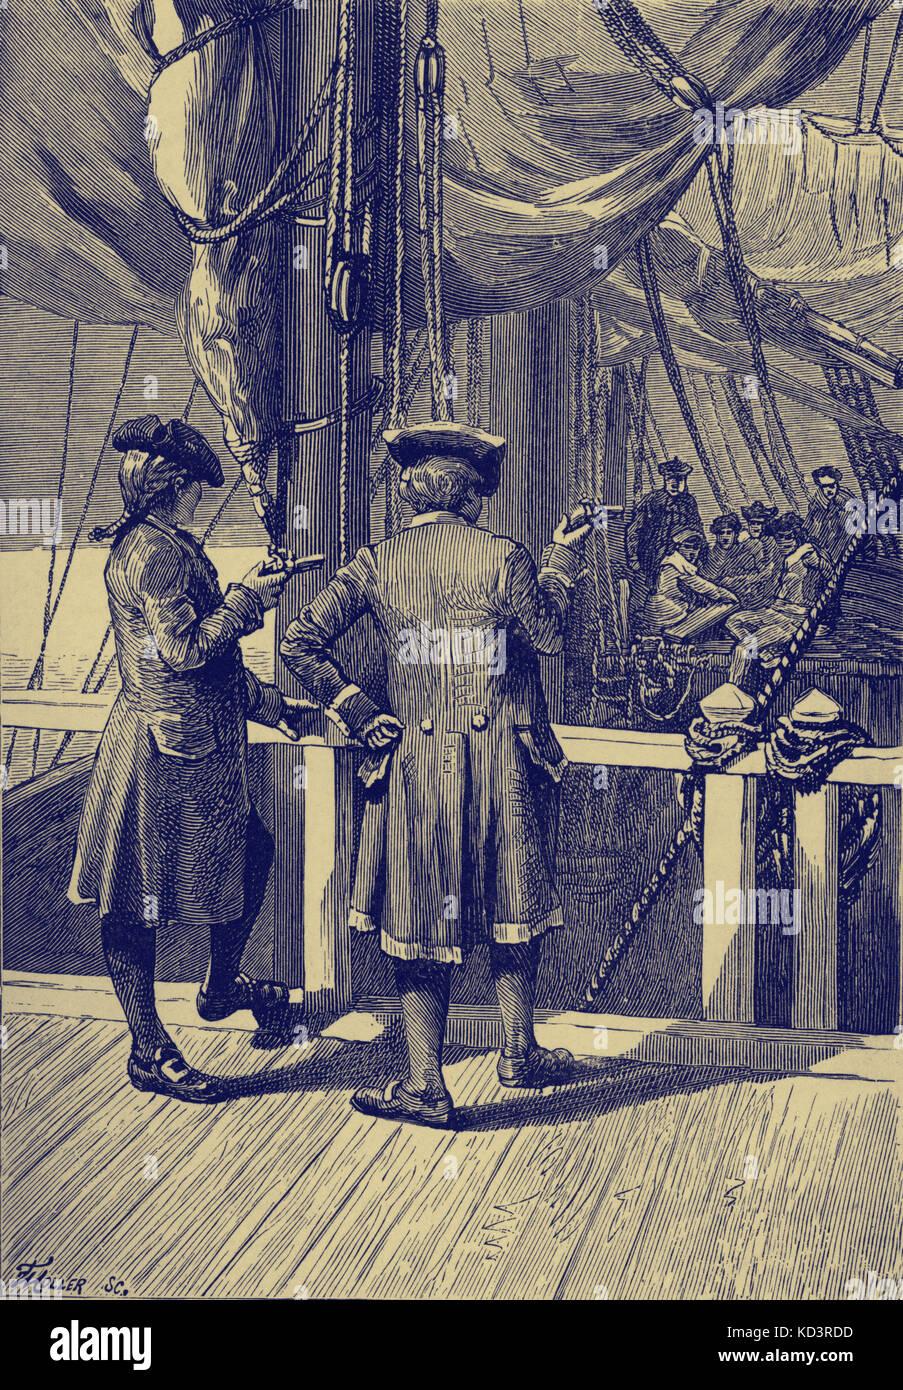 Treasure Island di Robert Louis Stevenson. La didascalia dice: 'Se uno di voi sei fa un segno di qualsiasi descrizione, quell'uomo è morto.' (Squire e il capitano sul ponte.) CH XVI come la nave è stata abbandonata. Pubblicato per la prima volta come seriale 1881-82. RLS: Romanziere, poeta e scrittore scozzese, 13 novembre 1850 – 3 dicembre 1894. Foto Stock